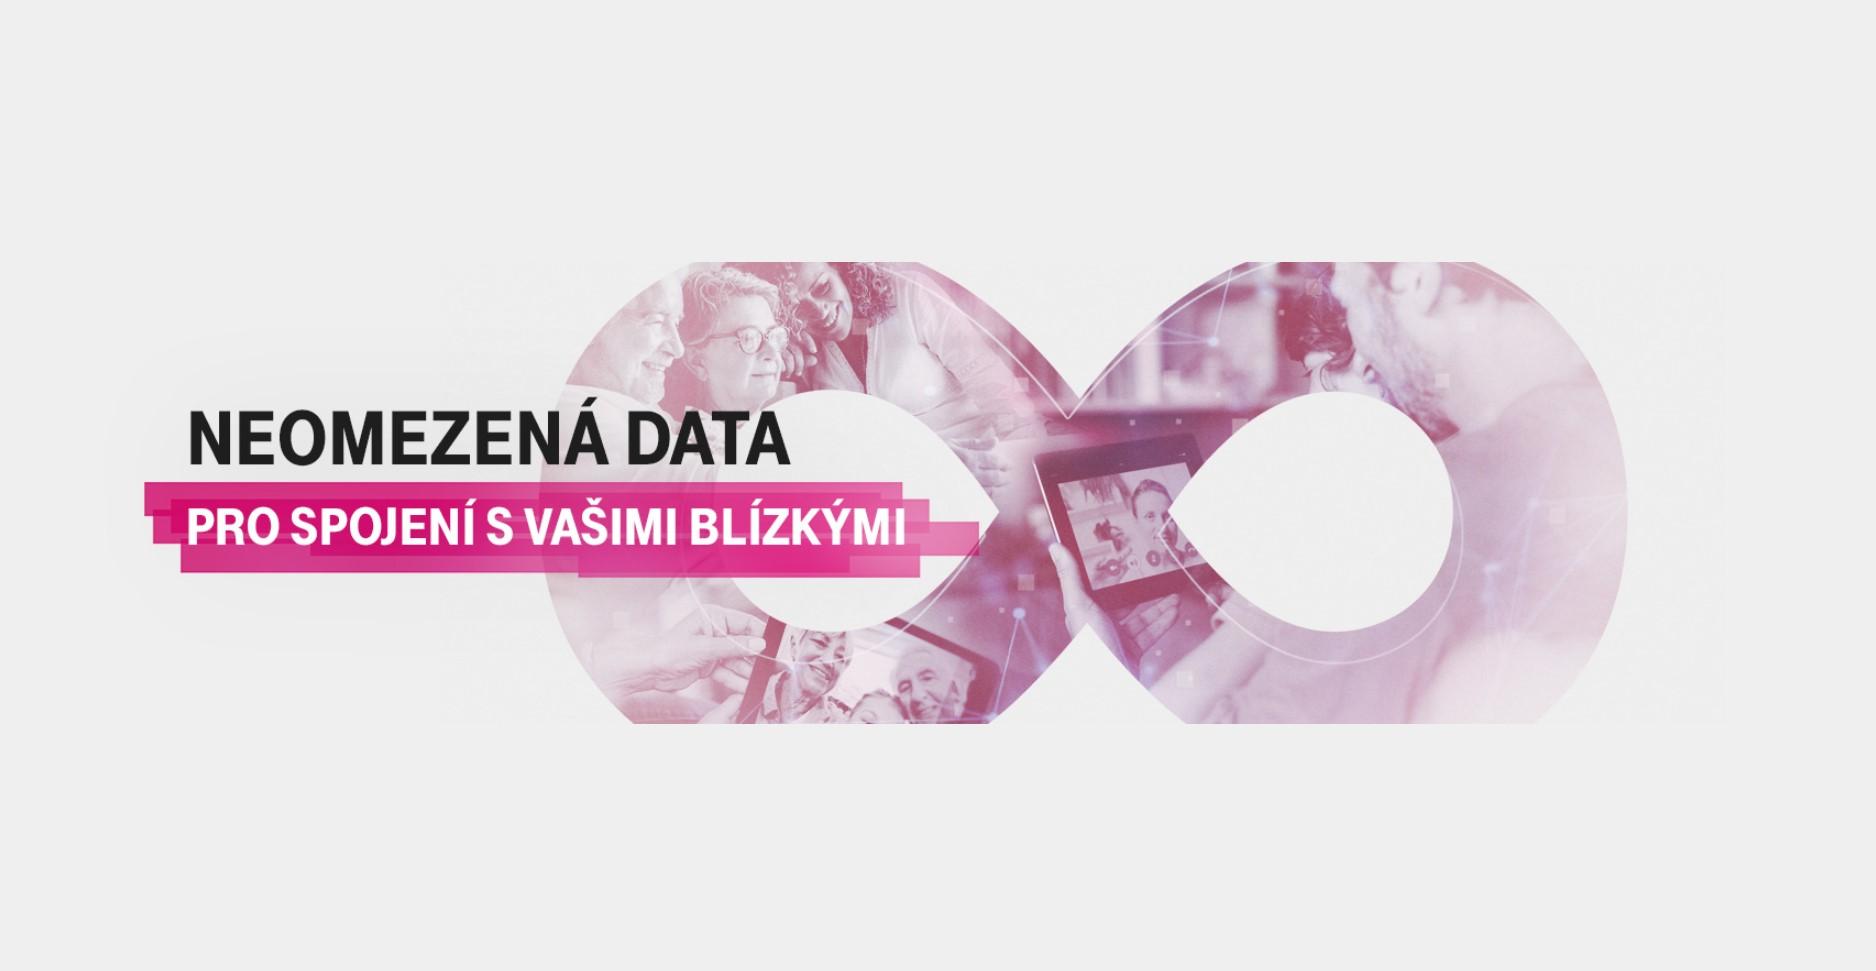 T-Mobile nabízí neomezená data v době krize